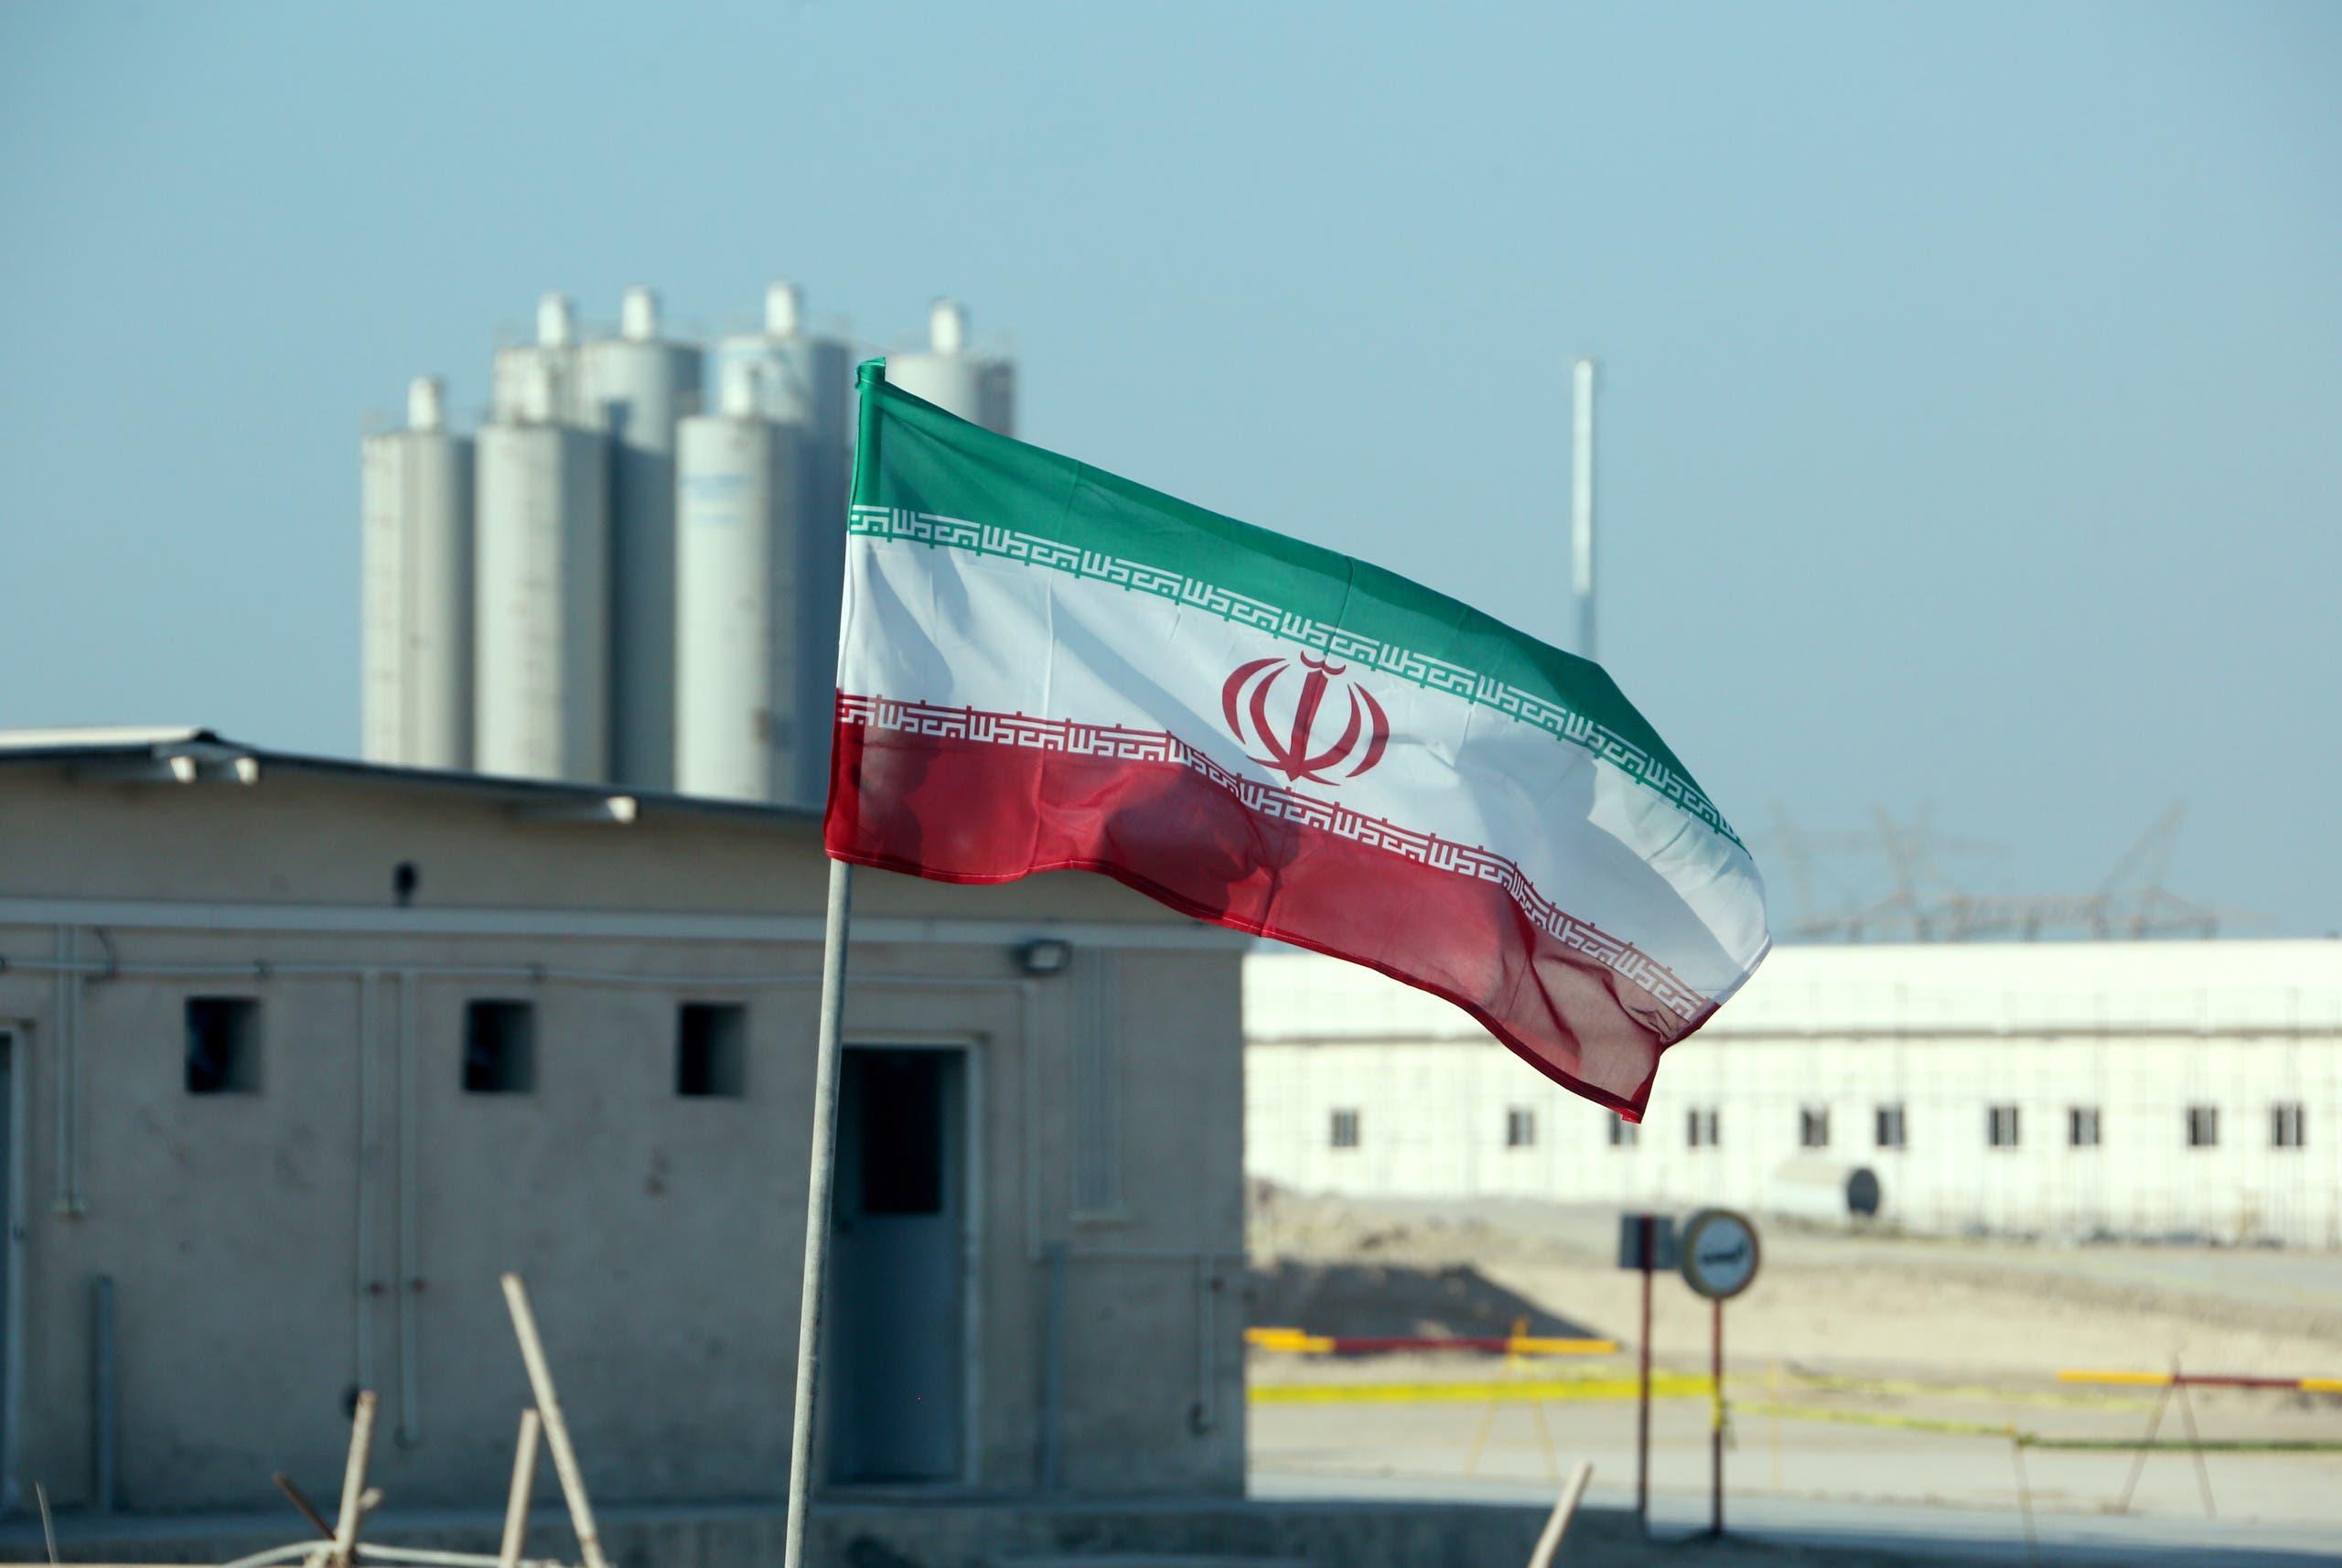 معمل بوشهر النووي(أرشيفية- فرانس برس)